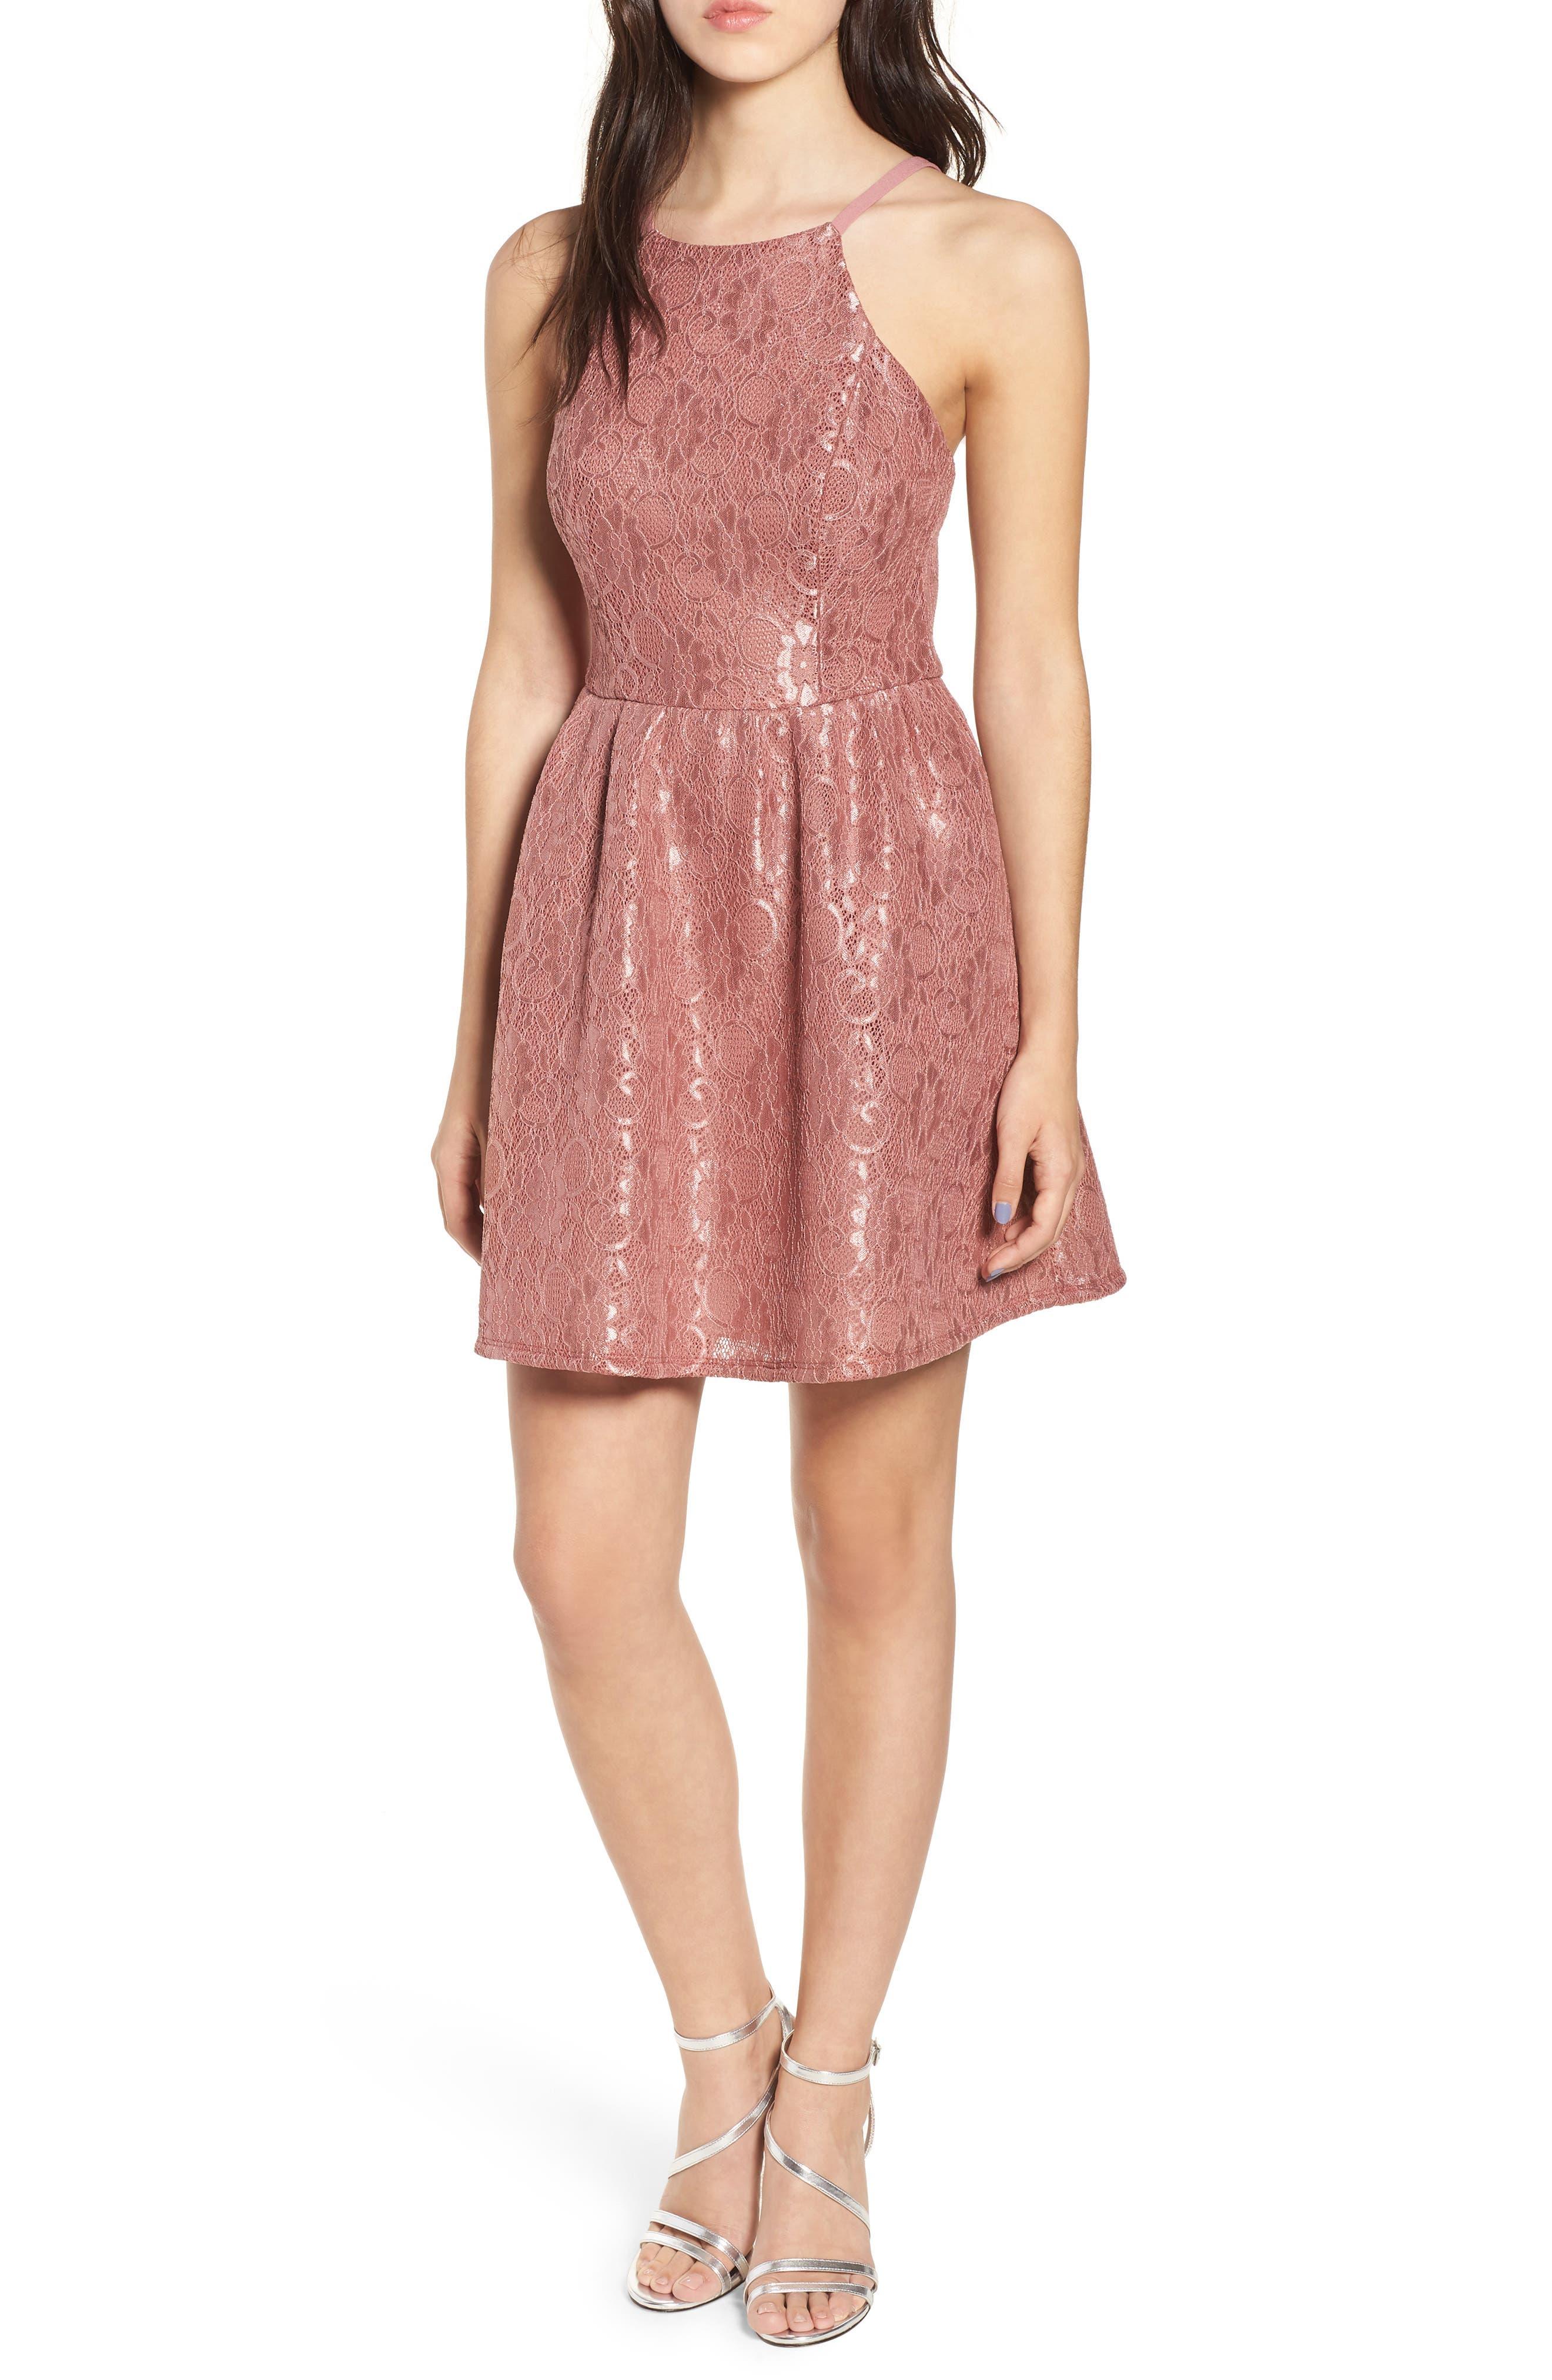 Lace Halter Low Back Party Dress,                         Main,                         color, NEW MAUVE